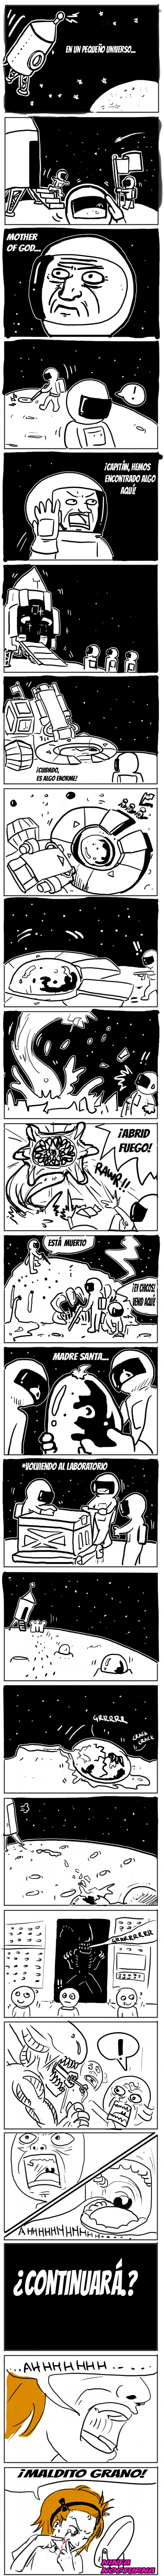 aliens,granos,Miniuniverso